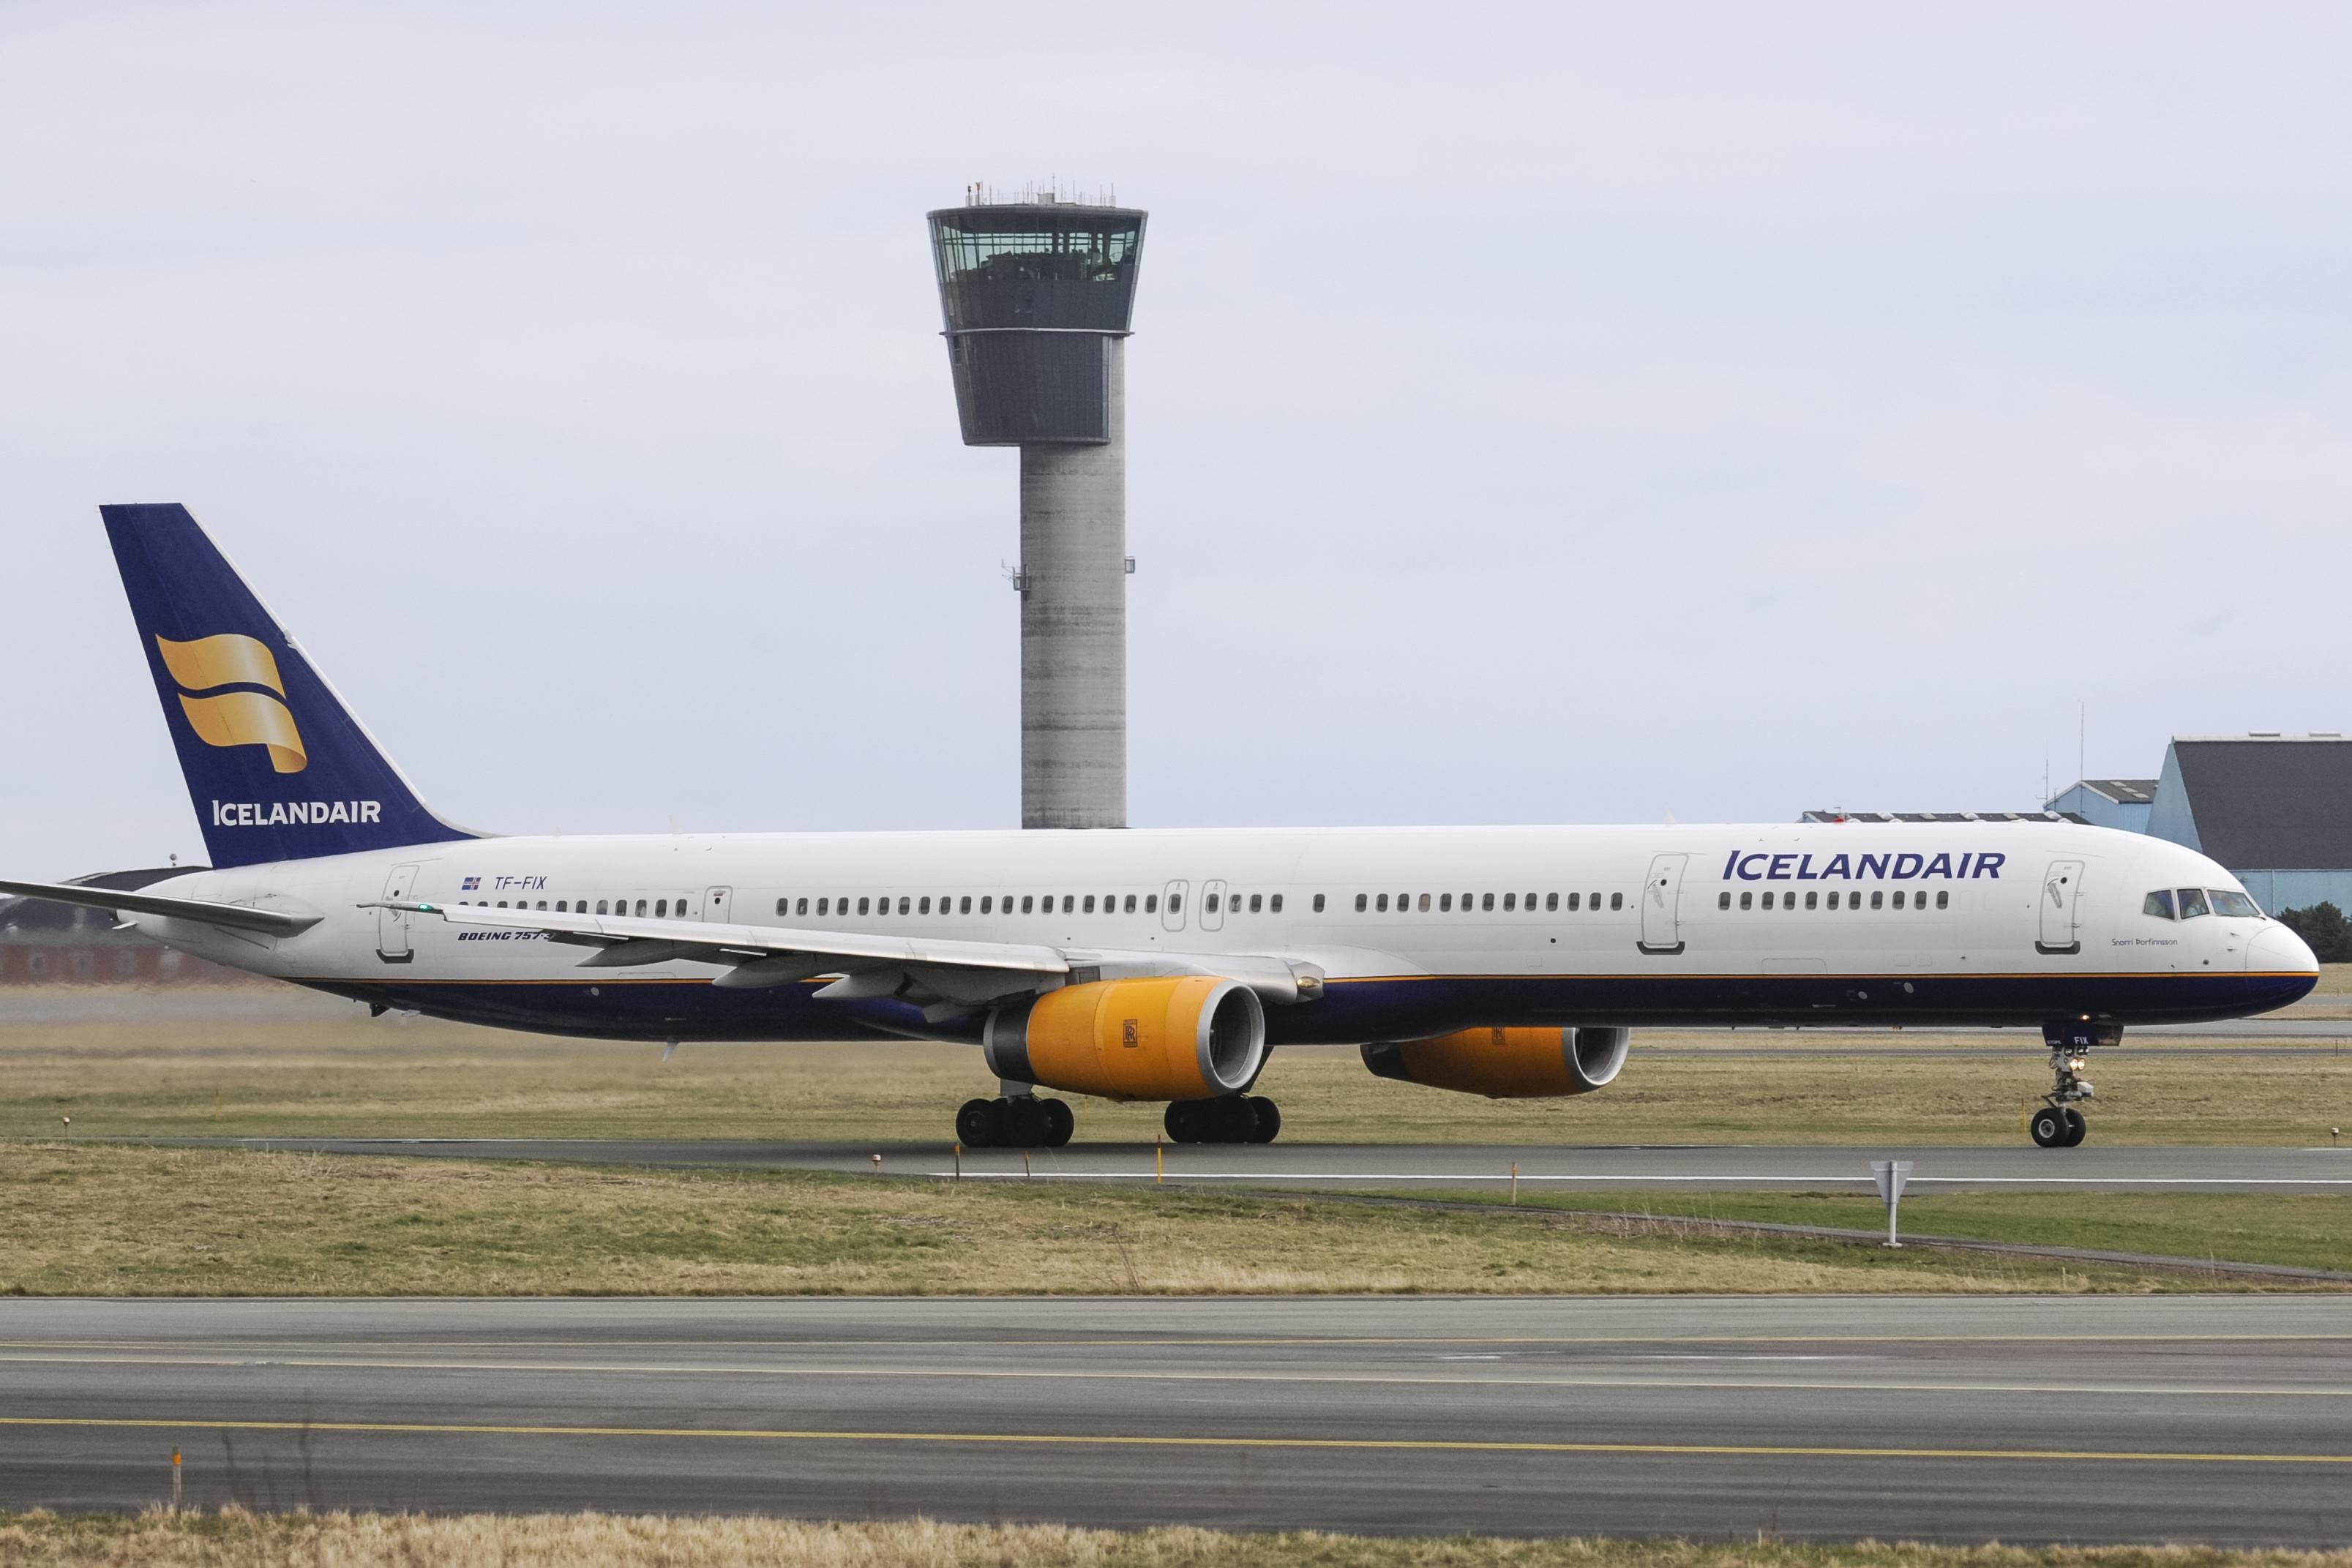 En Boeing 757-300 fra Icelandair i Københavns Lufthavn. Foto: © Thorbjørn Brunander Sund, Danish Aviation Photo